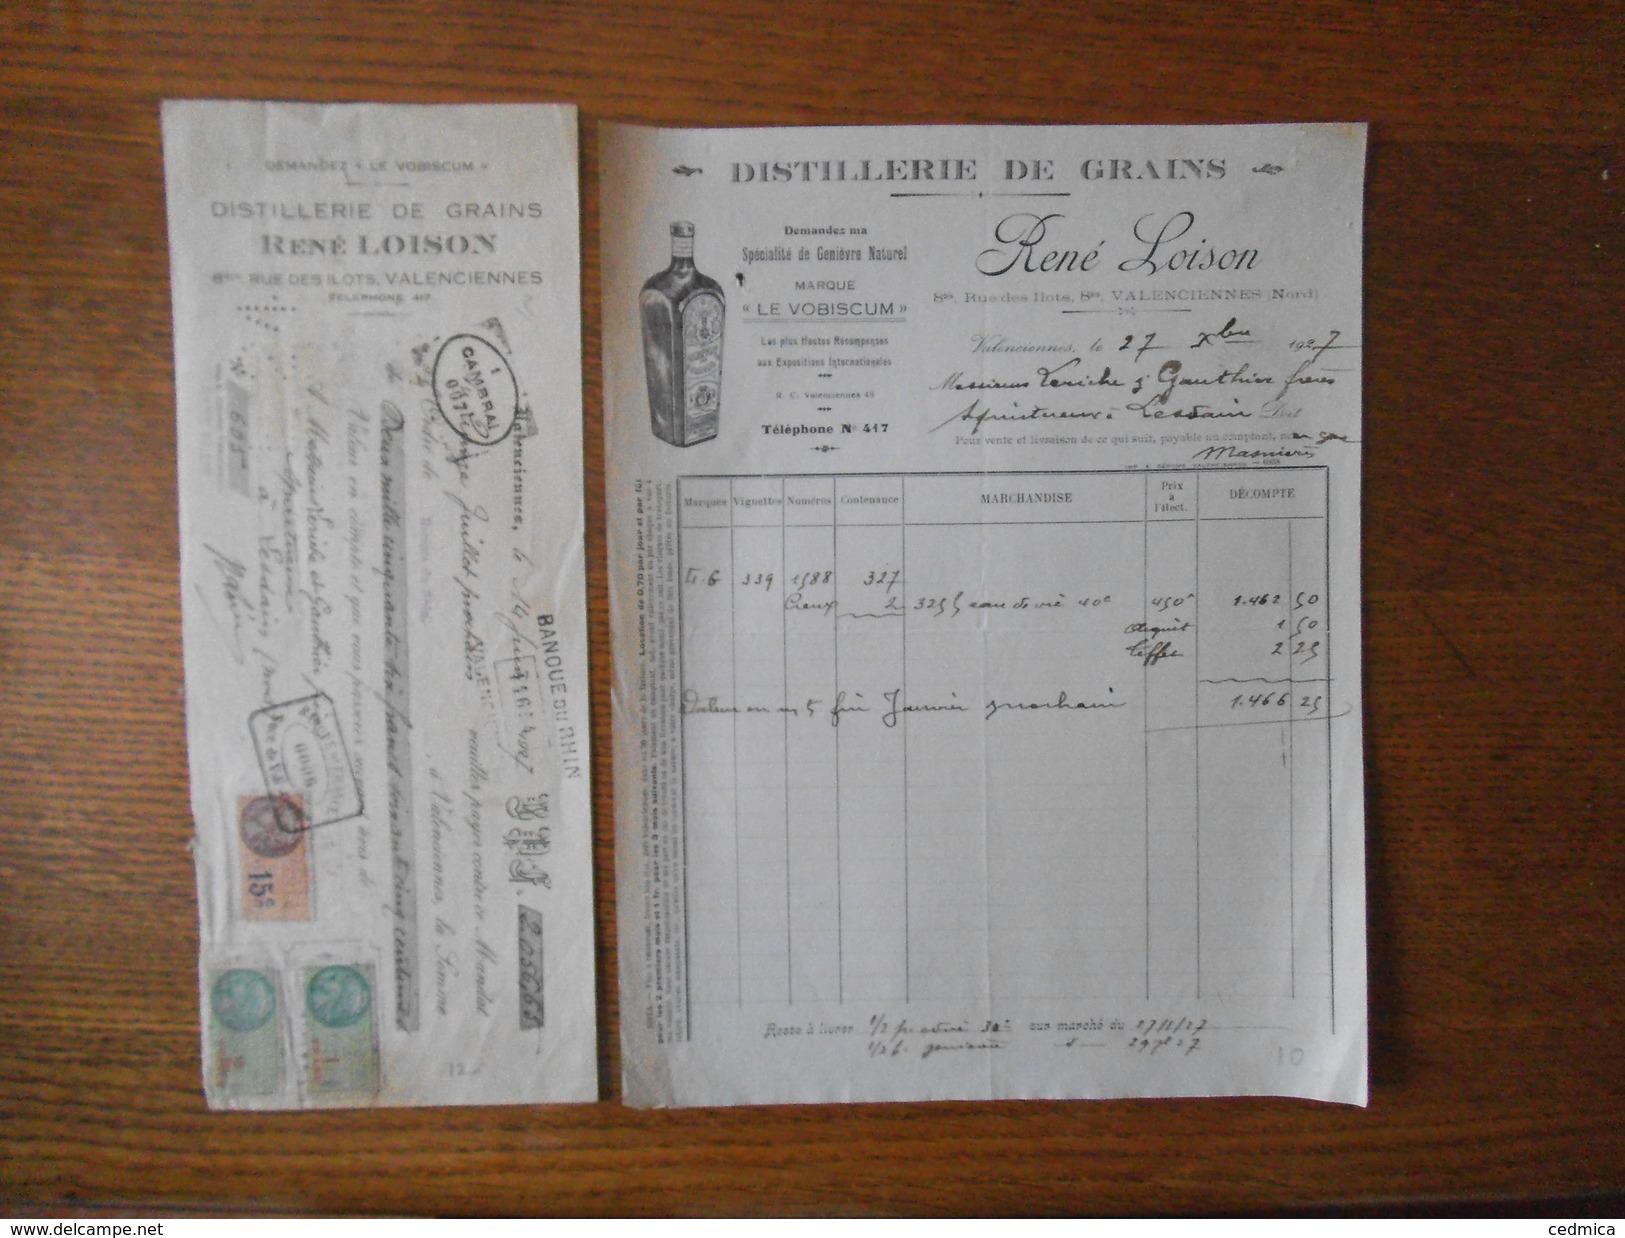 VALENCIENNES RENE LOISON DISTILLERIE DE GRAINS 8 BIS RUE DES ILOTS FACTURE DU 27 Xbre 1927 ET TRAITE DU 14 JUIN 1927 - France